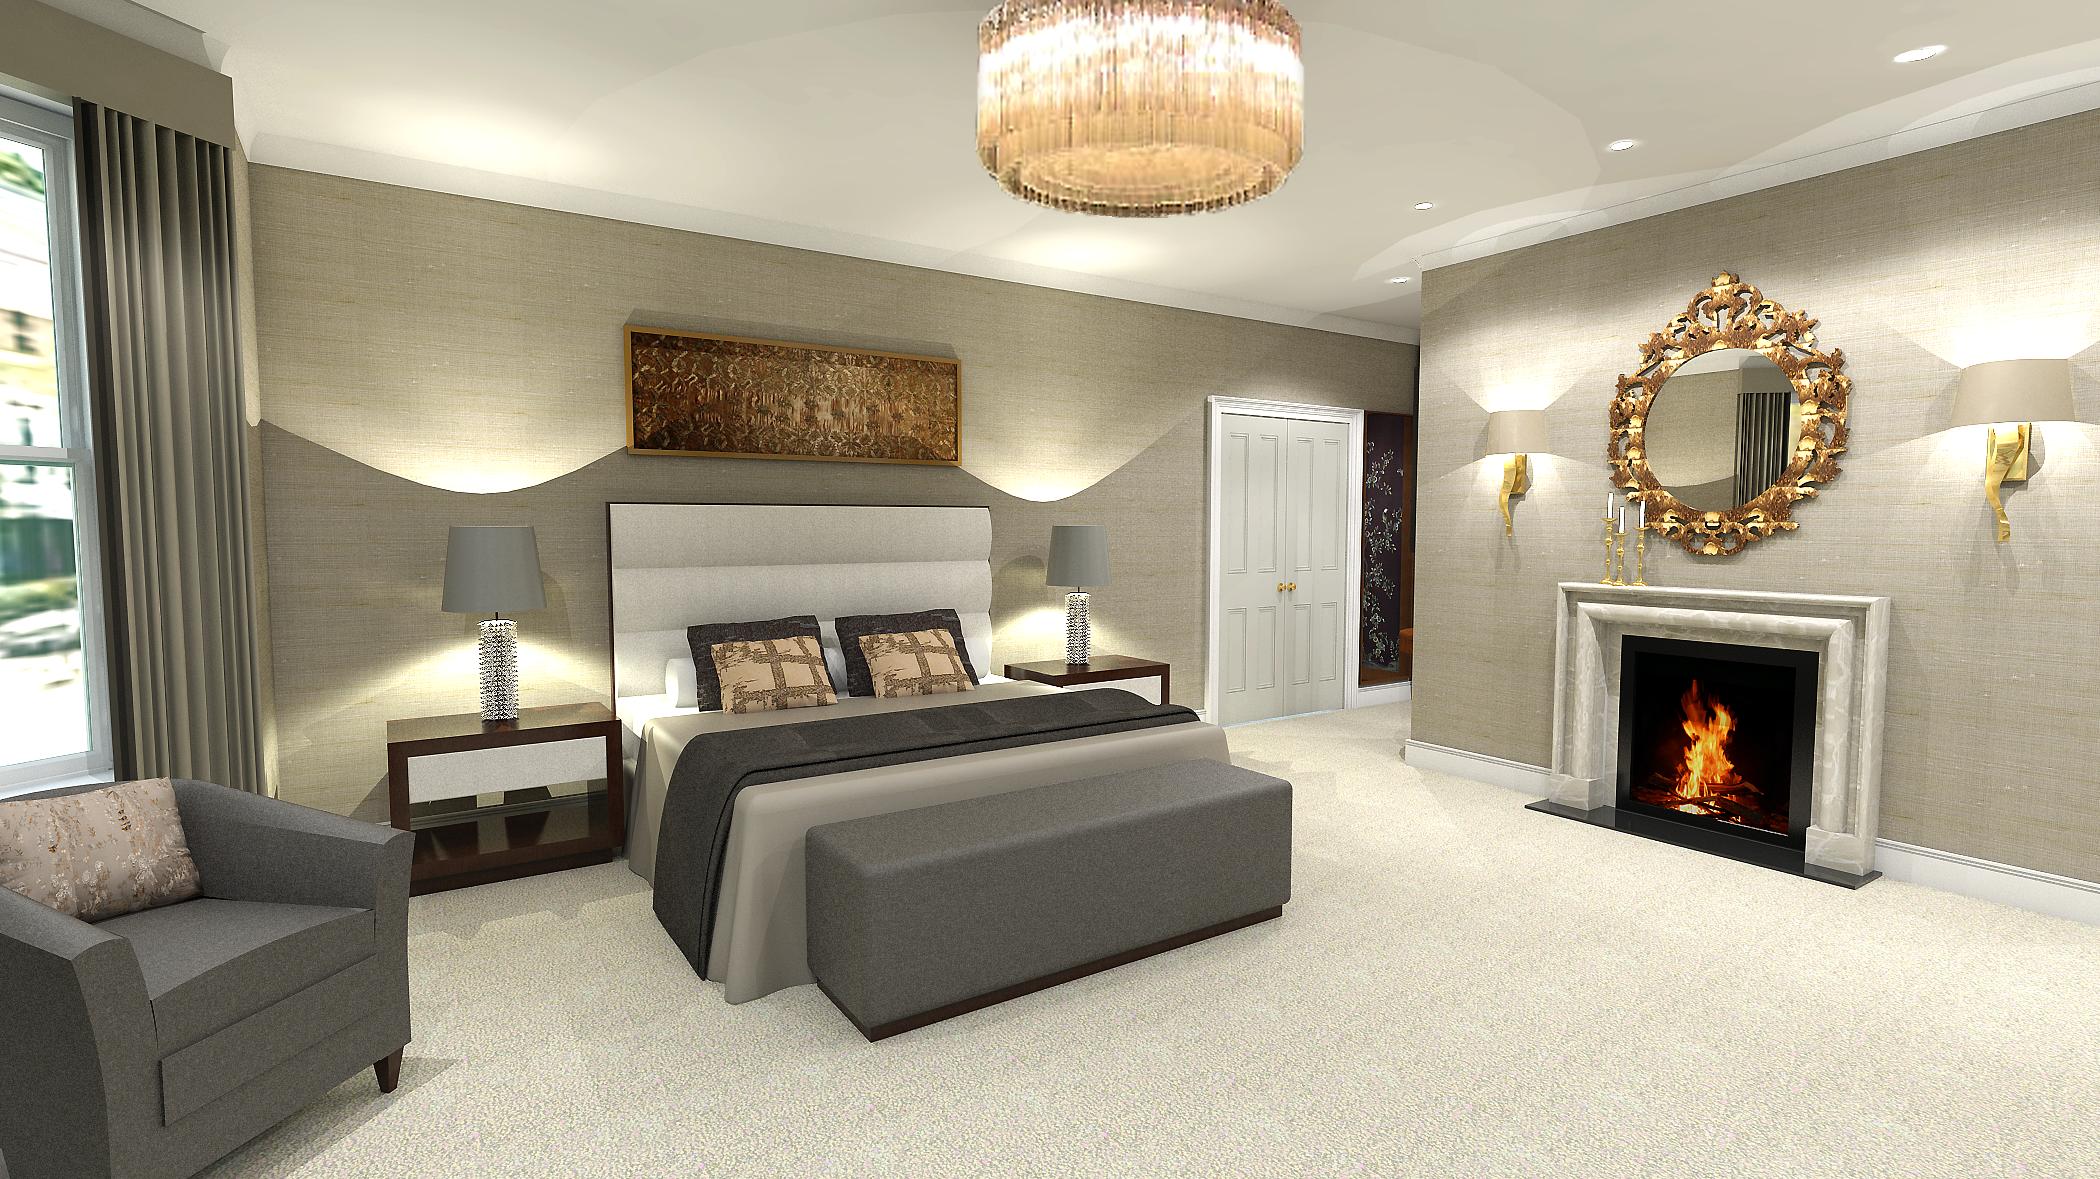 Interior design service london for Interior design services london